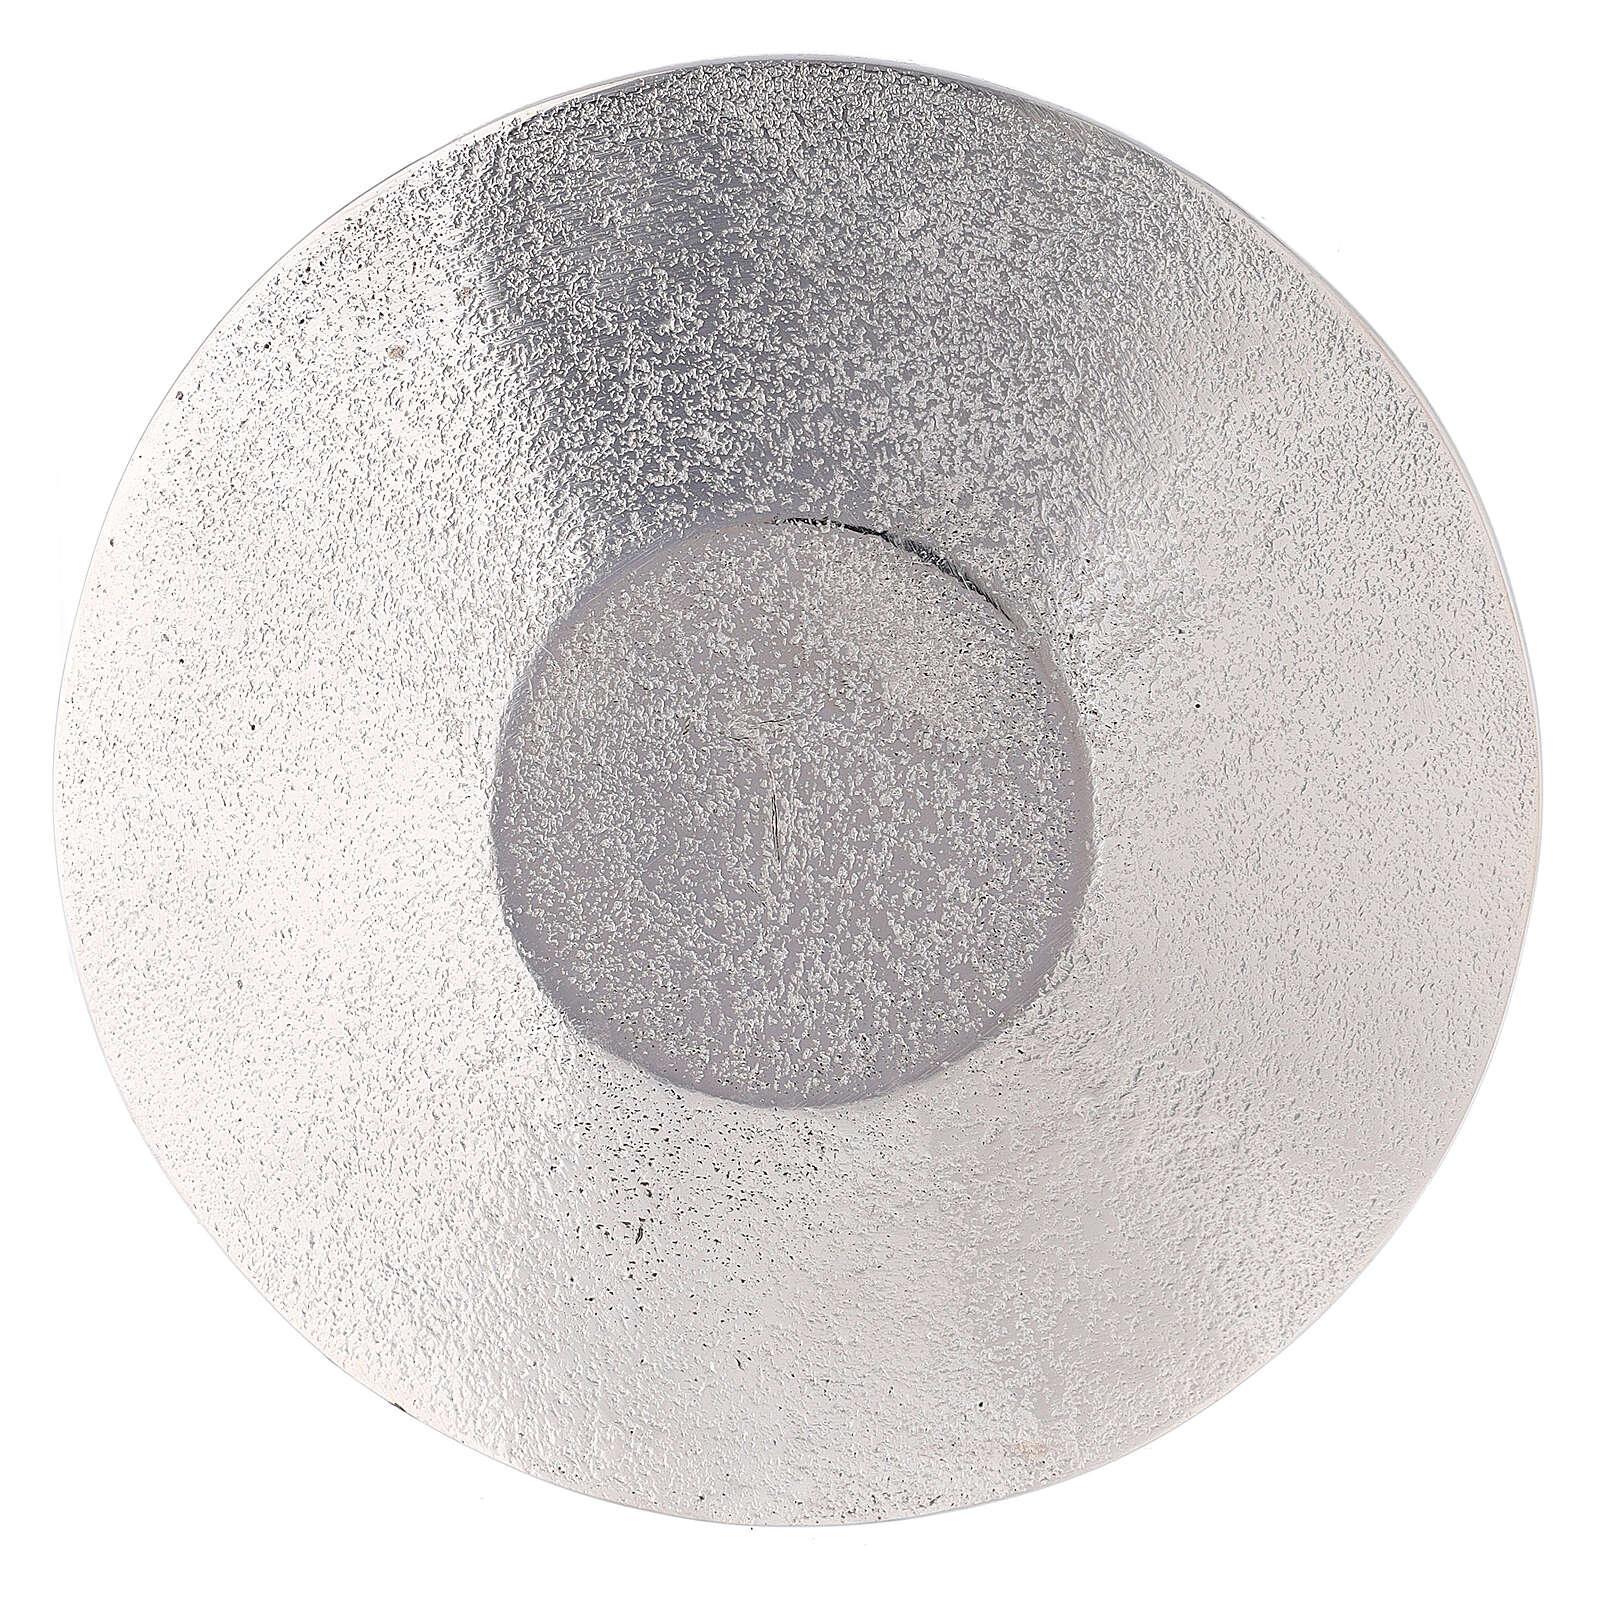 Prato porta-vela ninho de abelha alumínio diâmetro 14 cm 3